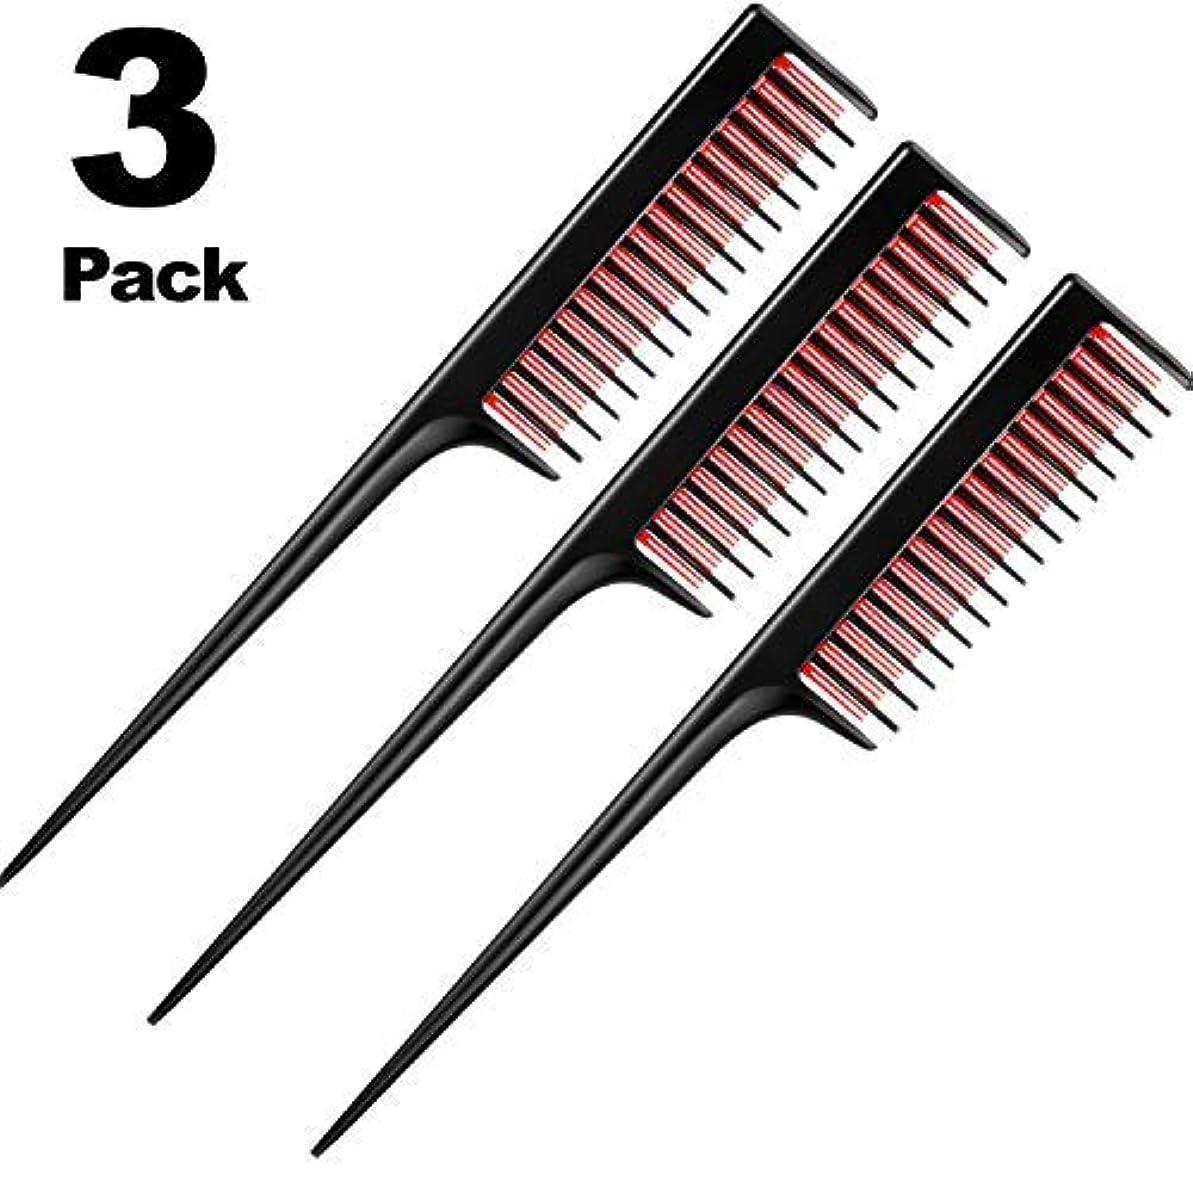 メガロポリス先入観暴露3 Piece Triple Teasing Comb, rat tail combs for women,Tool Structure Tease Layers Rattail Comb,Rat Tail Comb for...